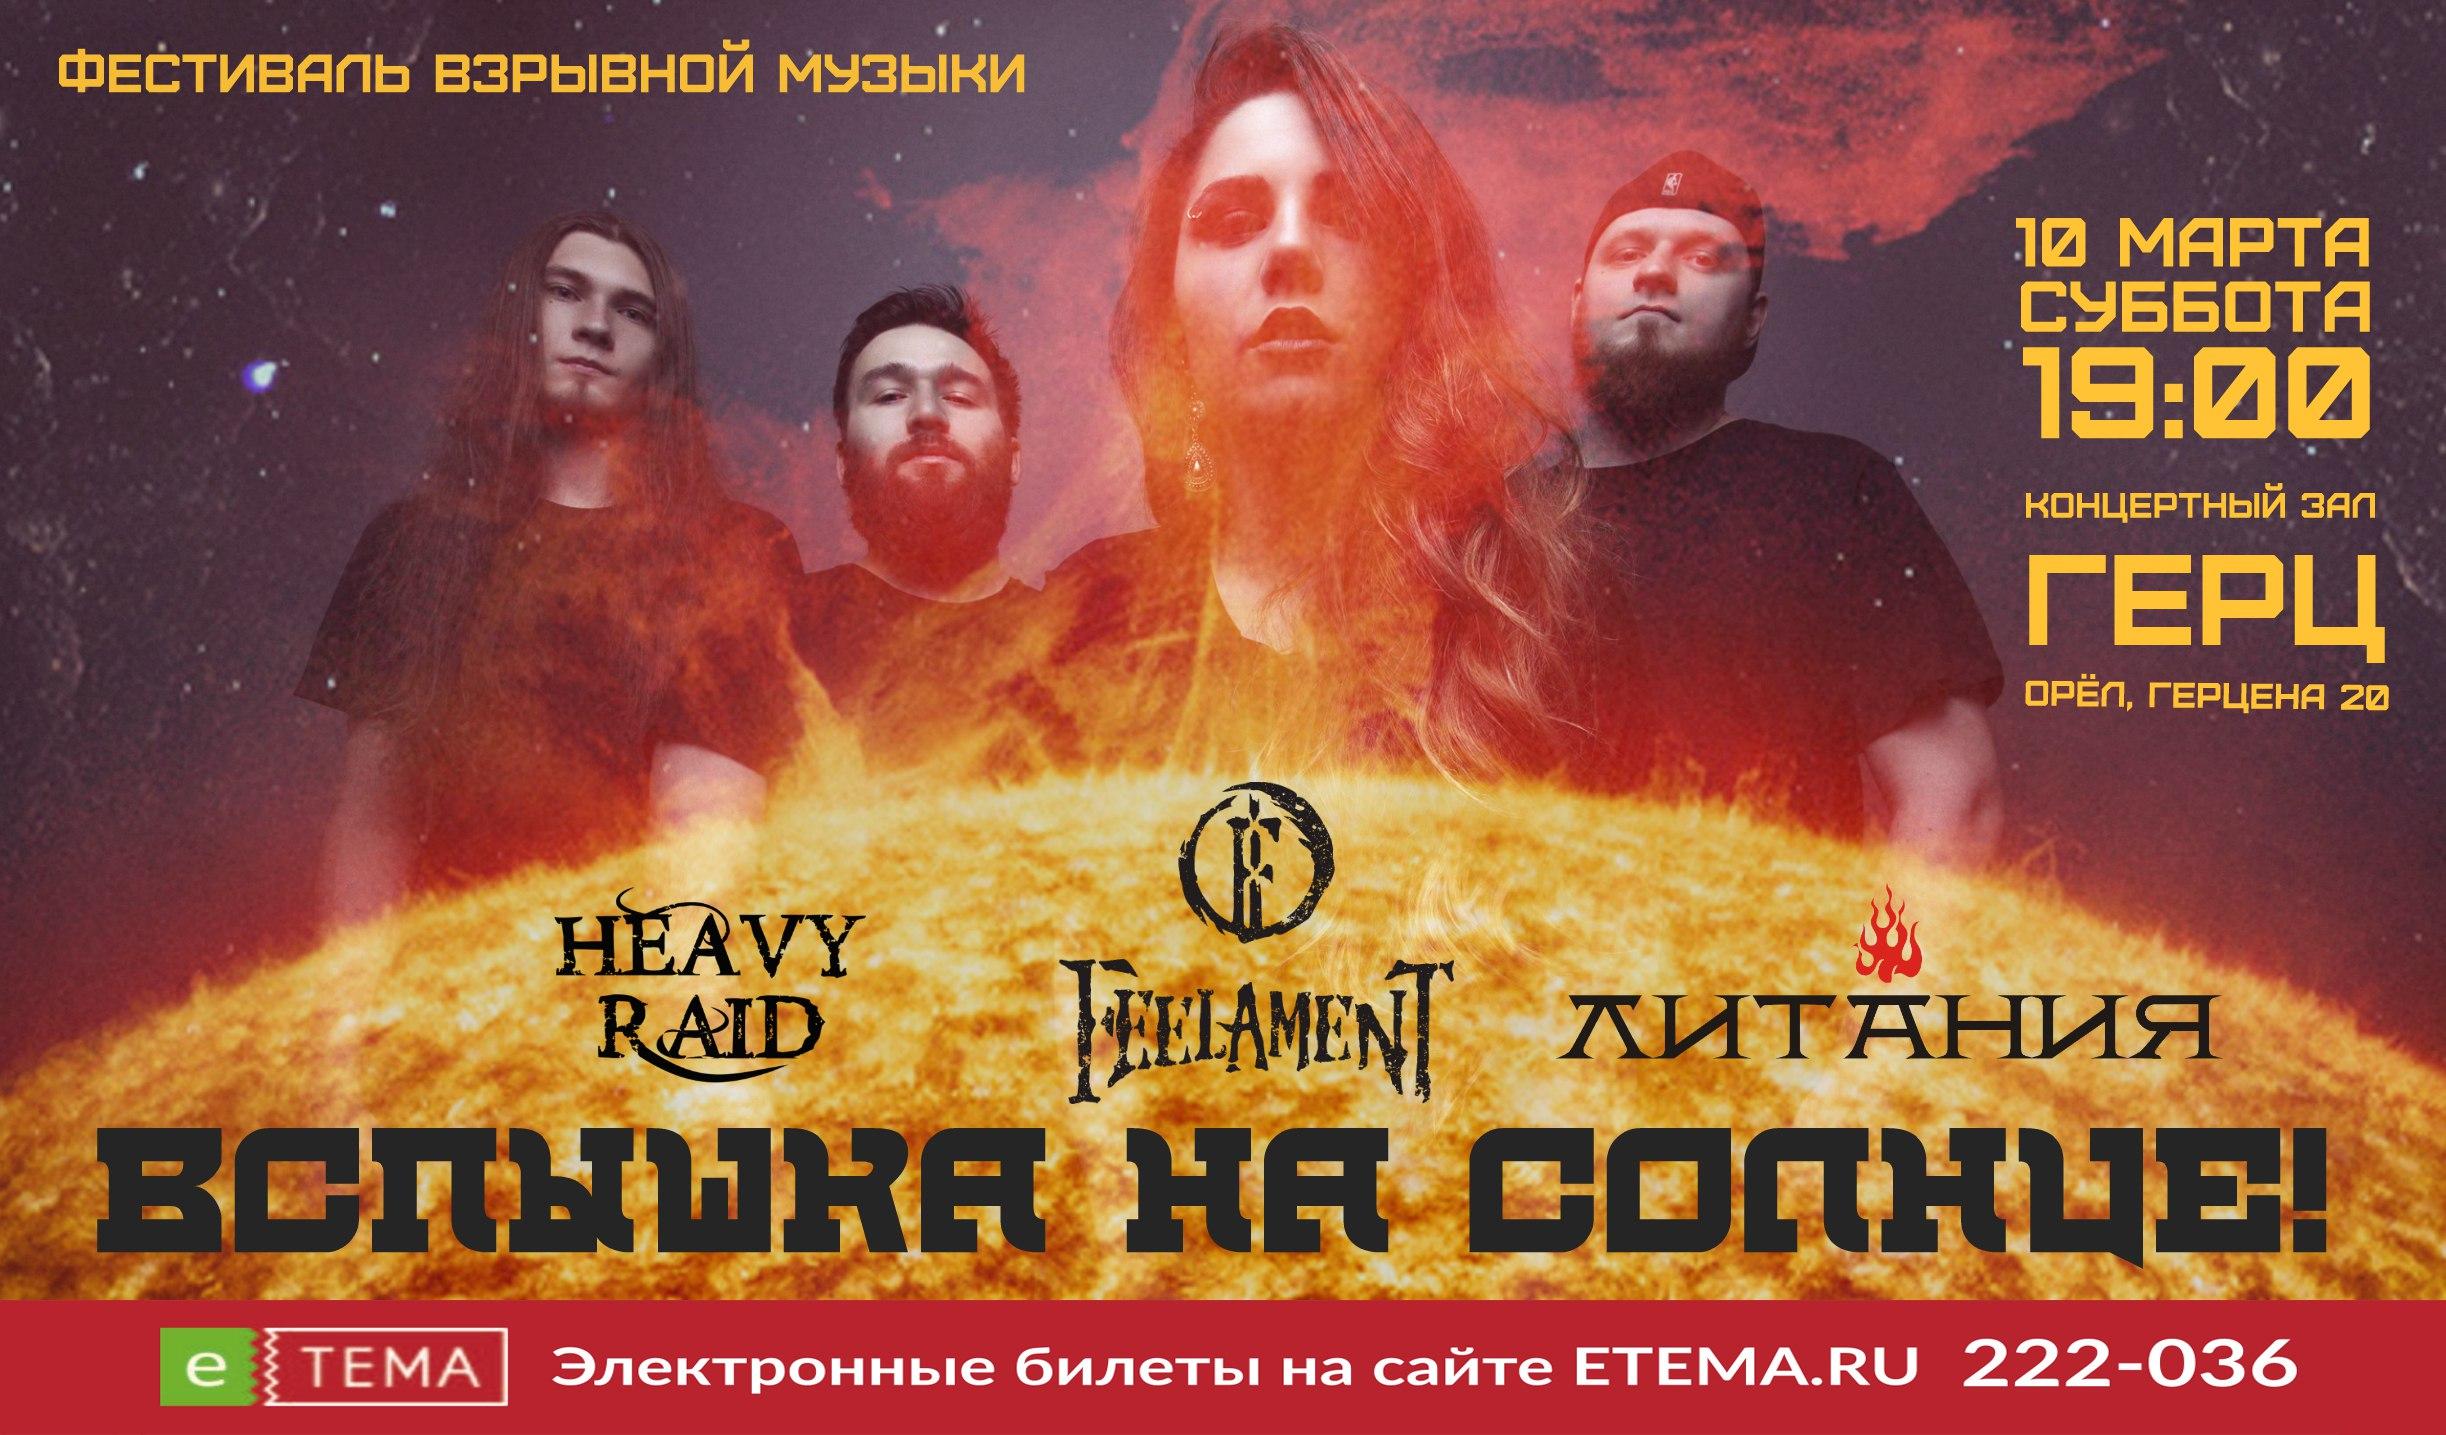 Вспышка на солнце: Feelament / Литания / Heavy Raid